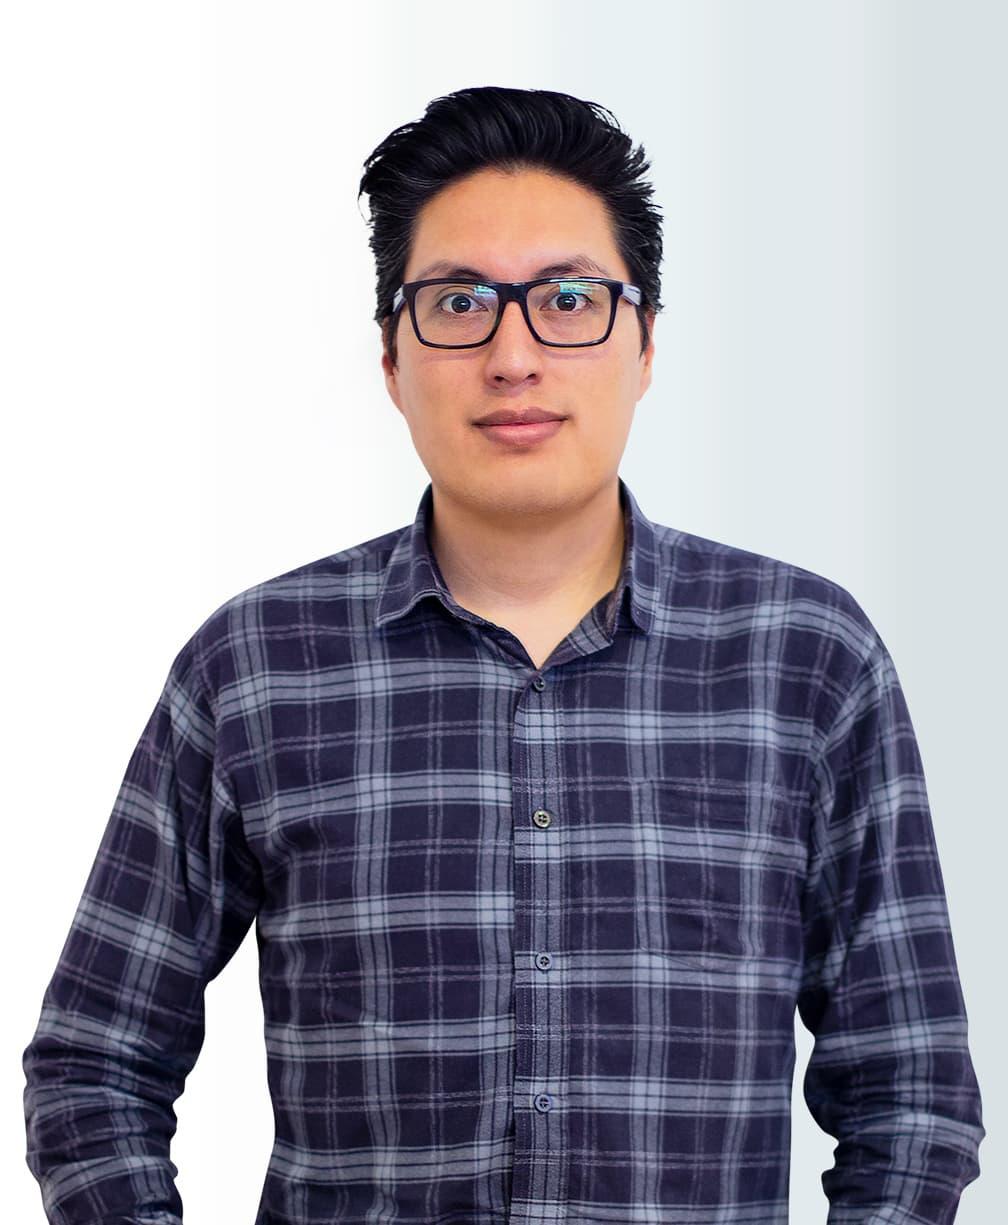 Daniel Cortez Headshot